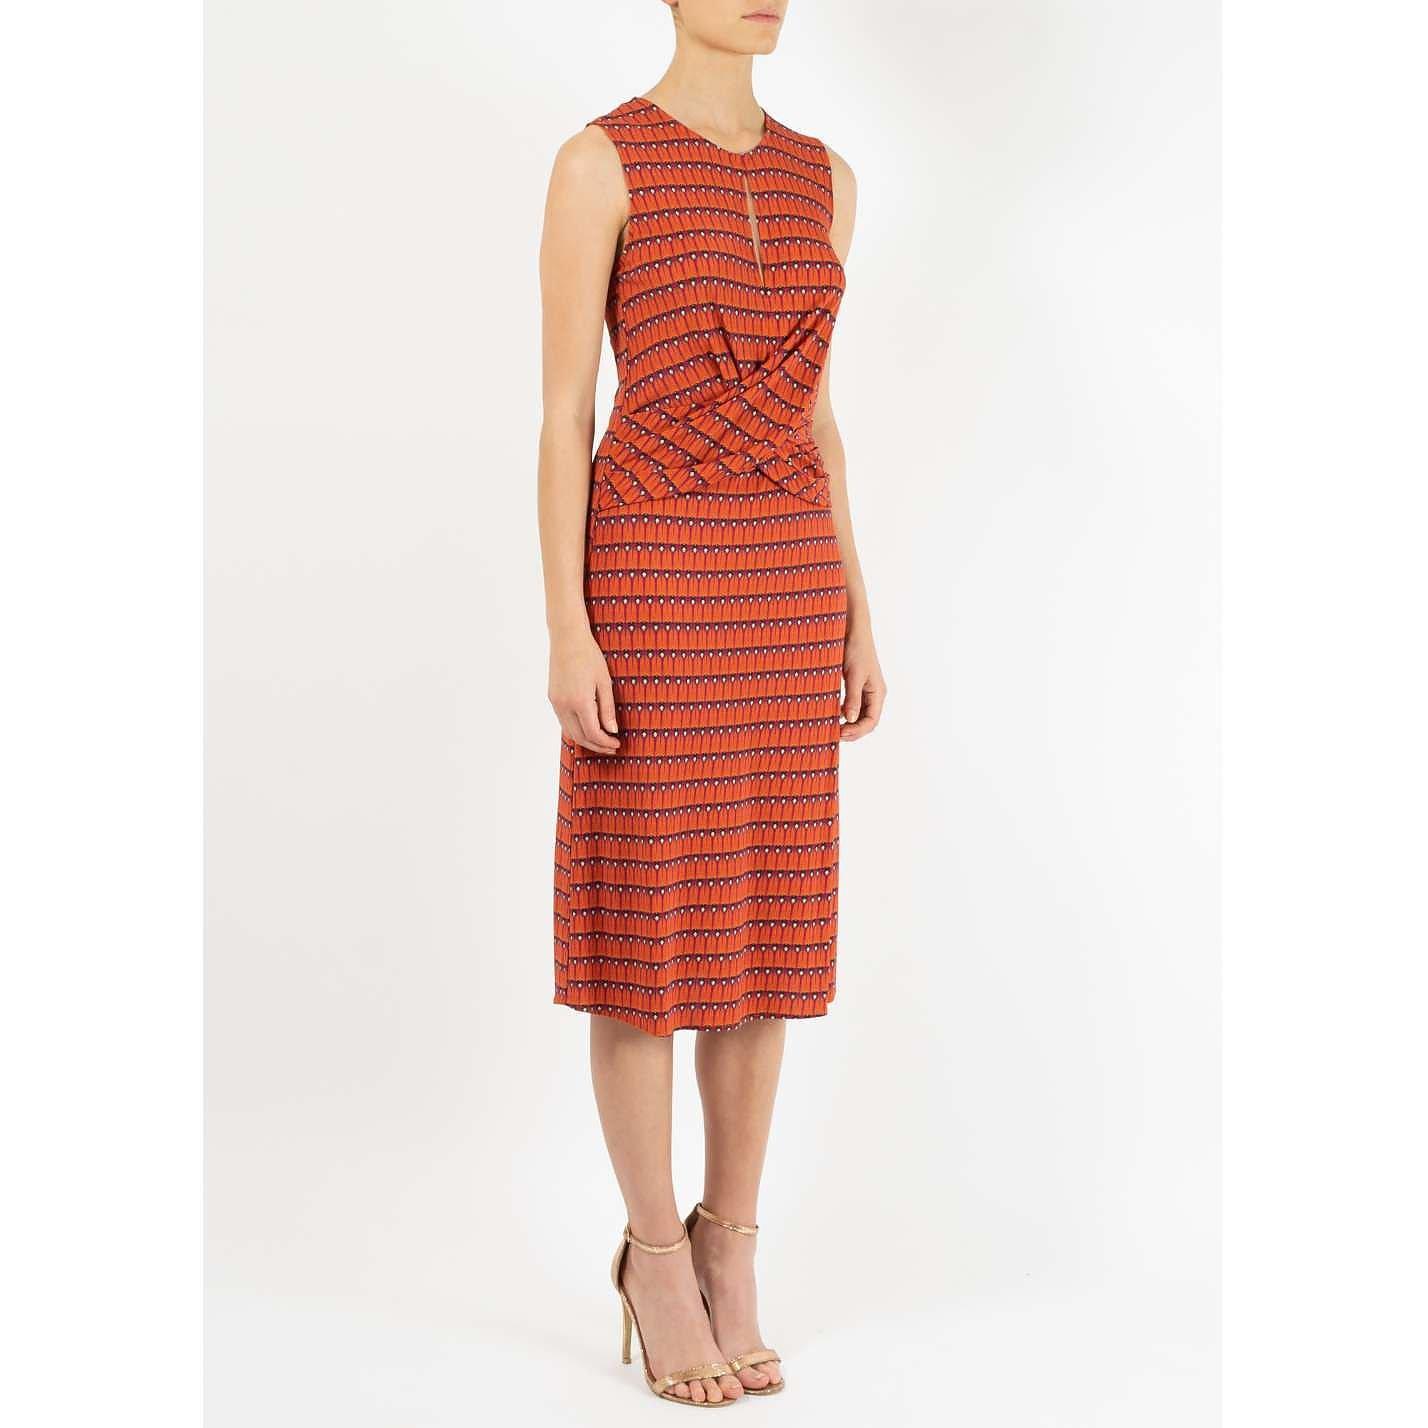 Dhela Firebug Jersey Dress